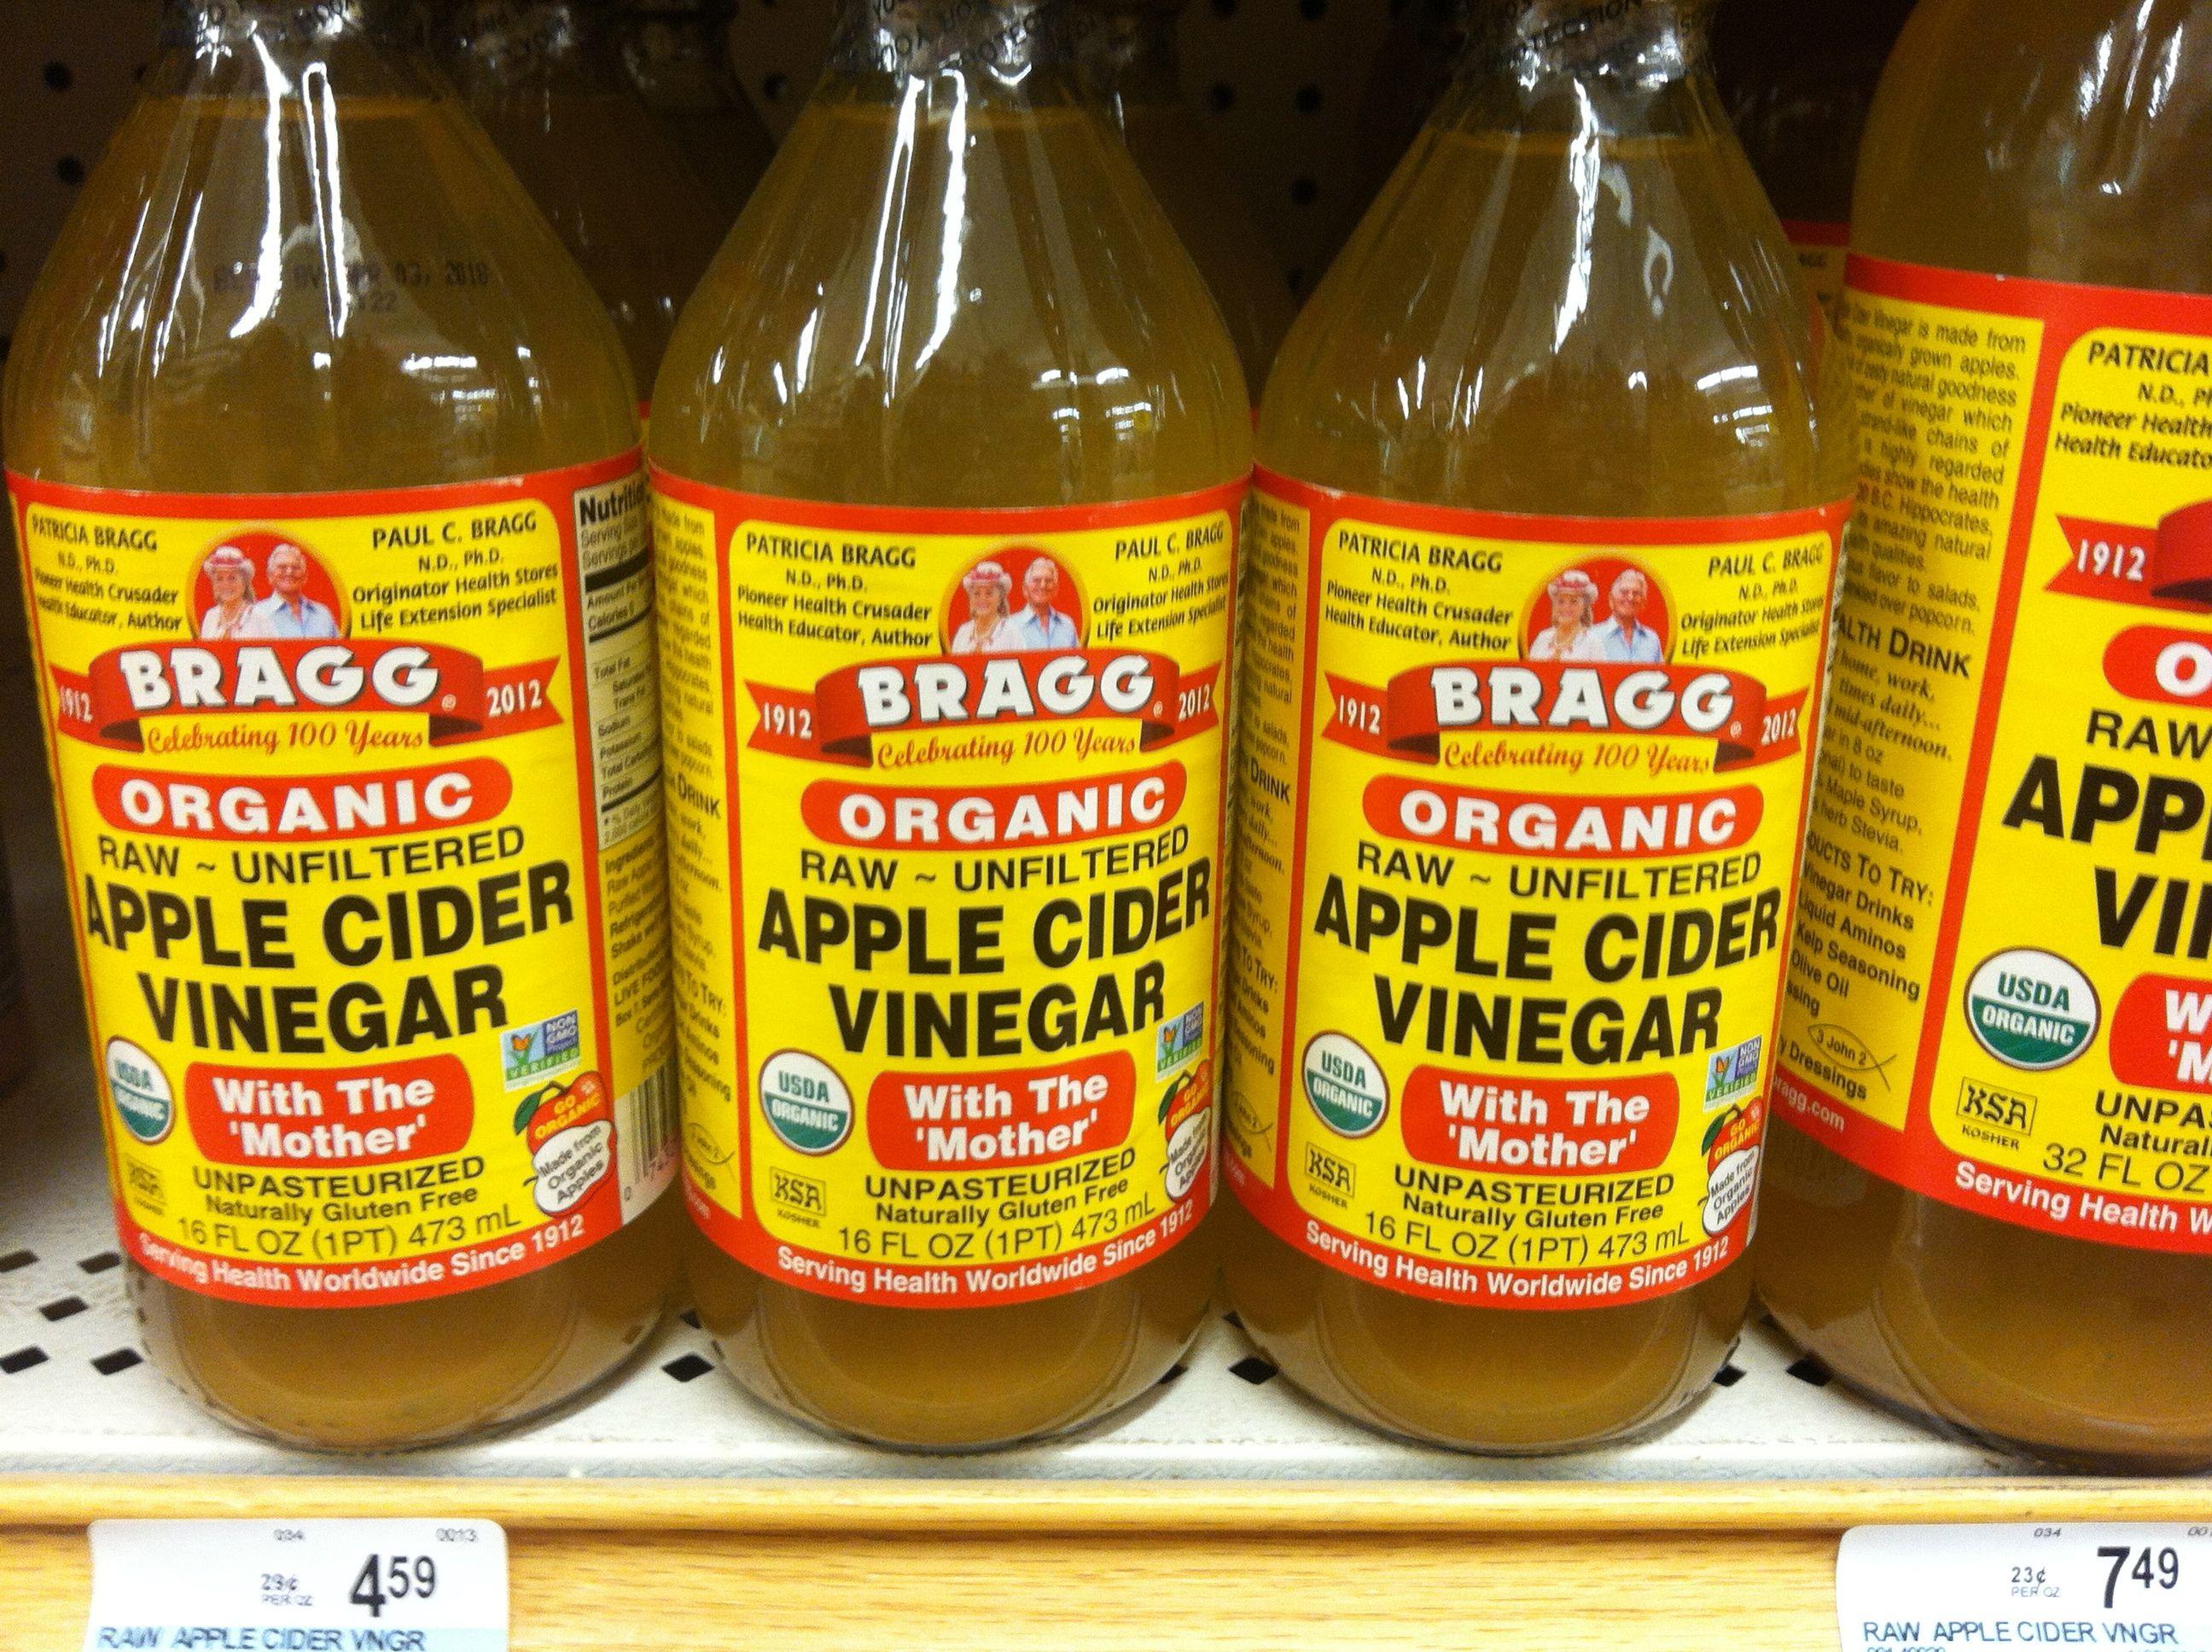 Fruit Fly Trap Put 12 Cup Of Apple Cider Vinegar